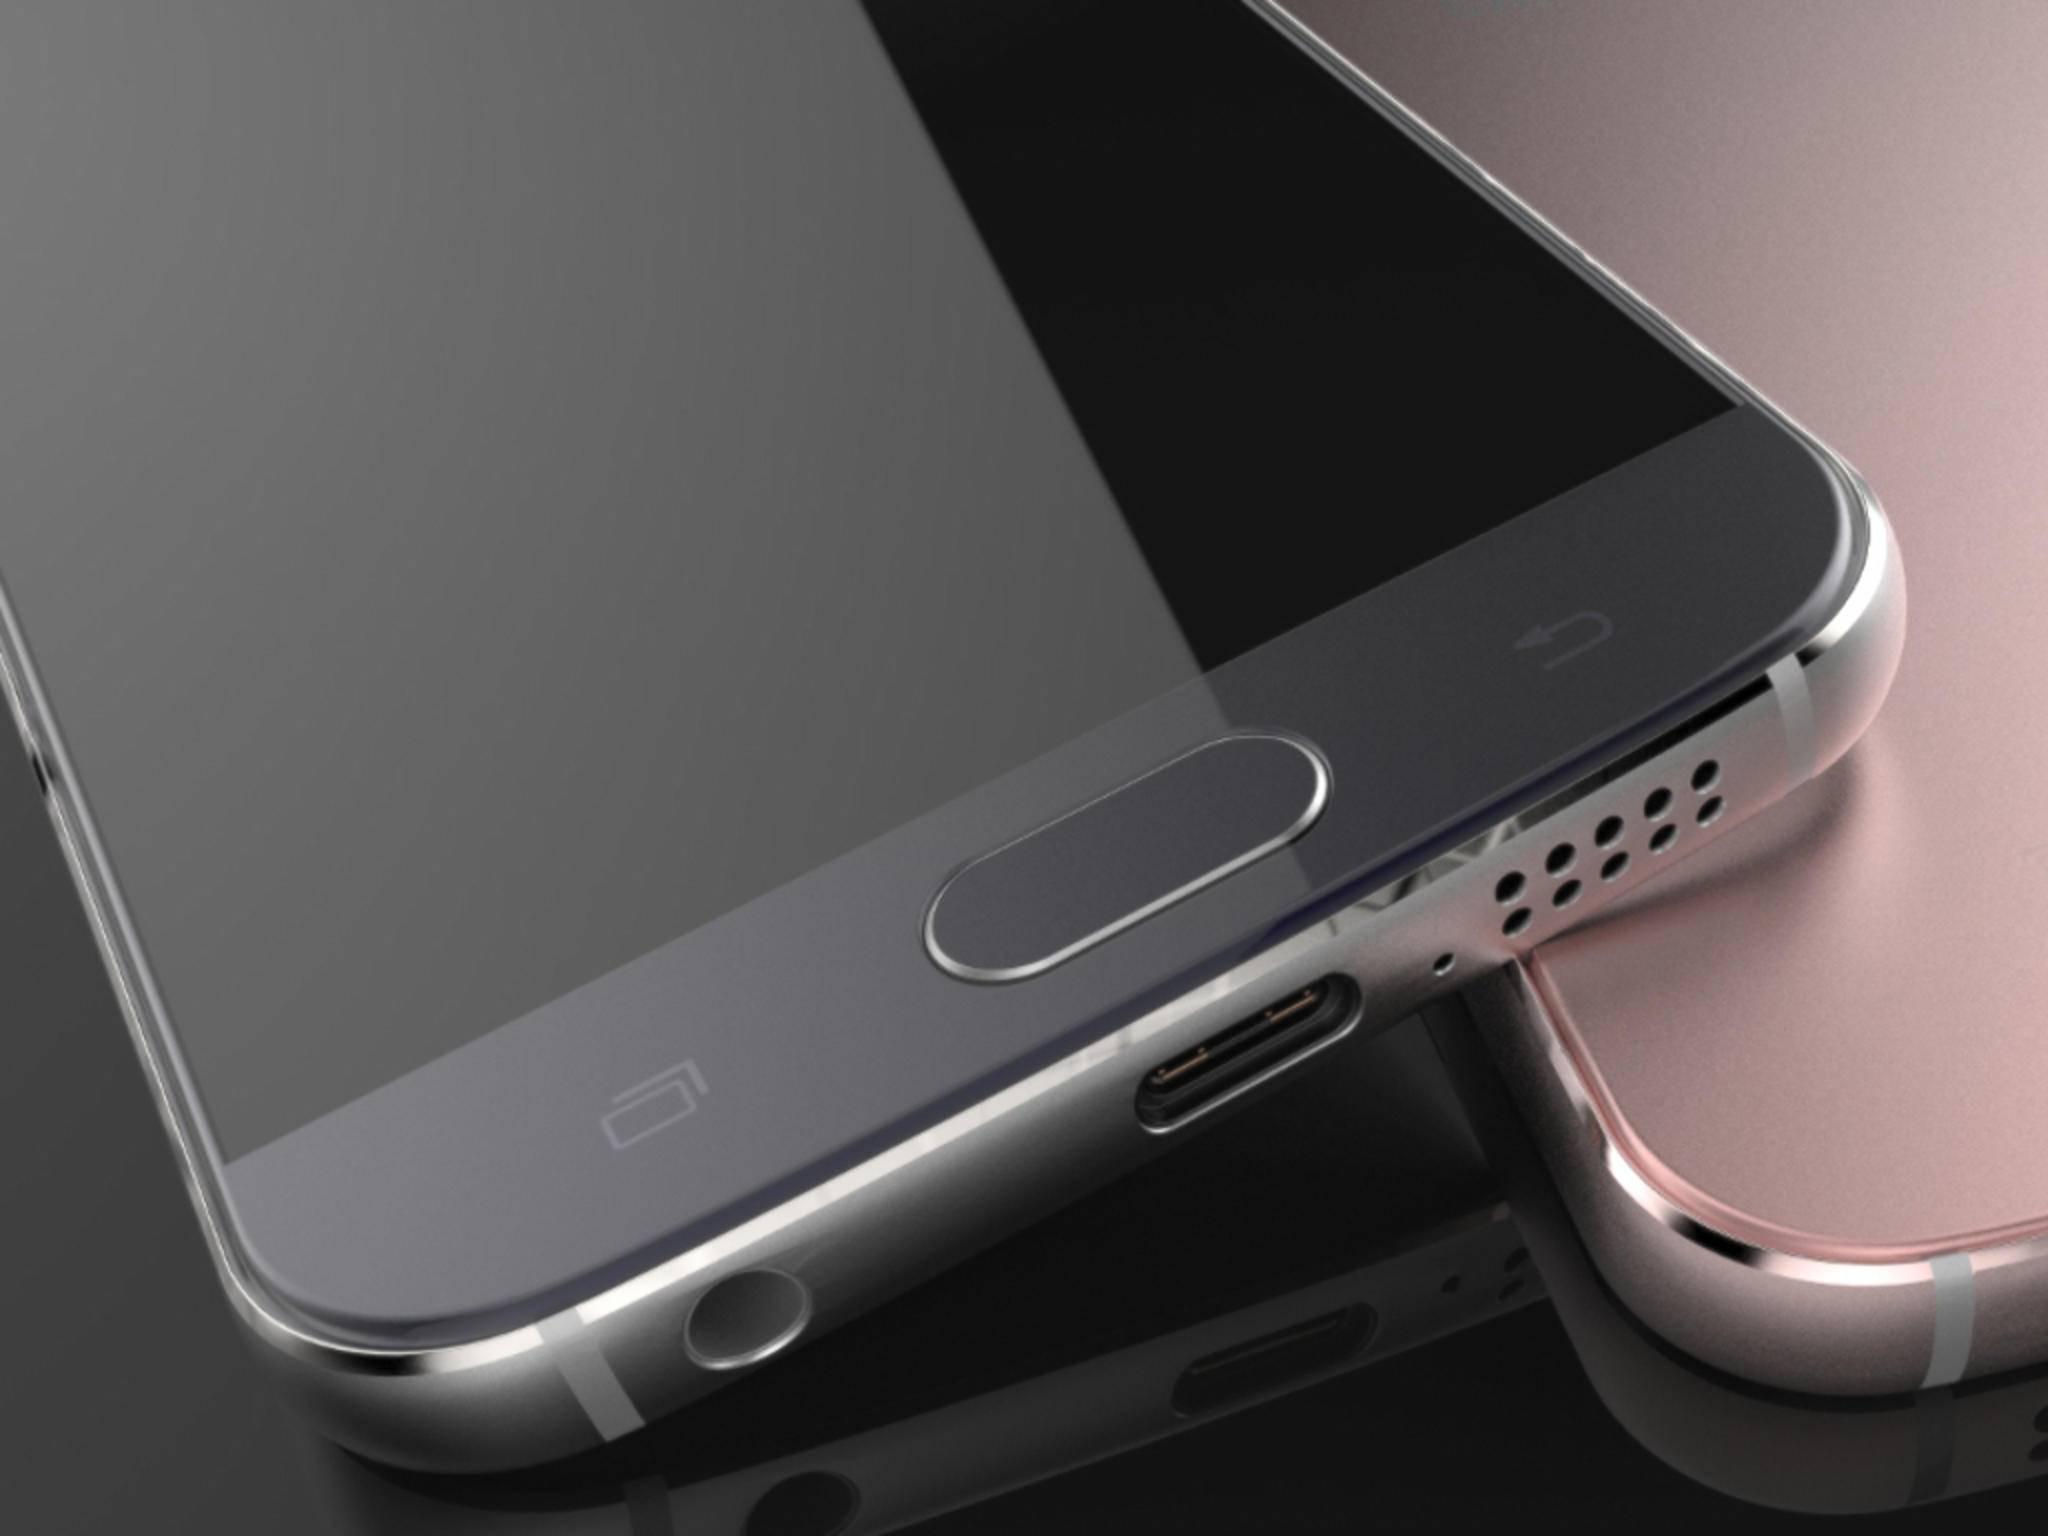 Das Galaxy S7 setzt auf wasserdichte Komponenten.